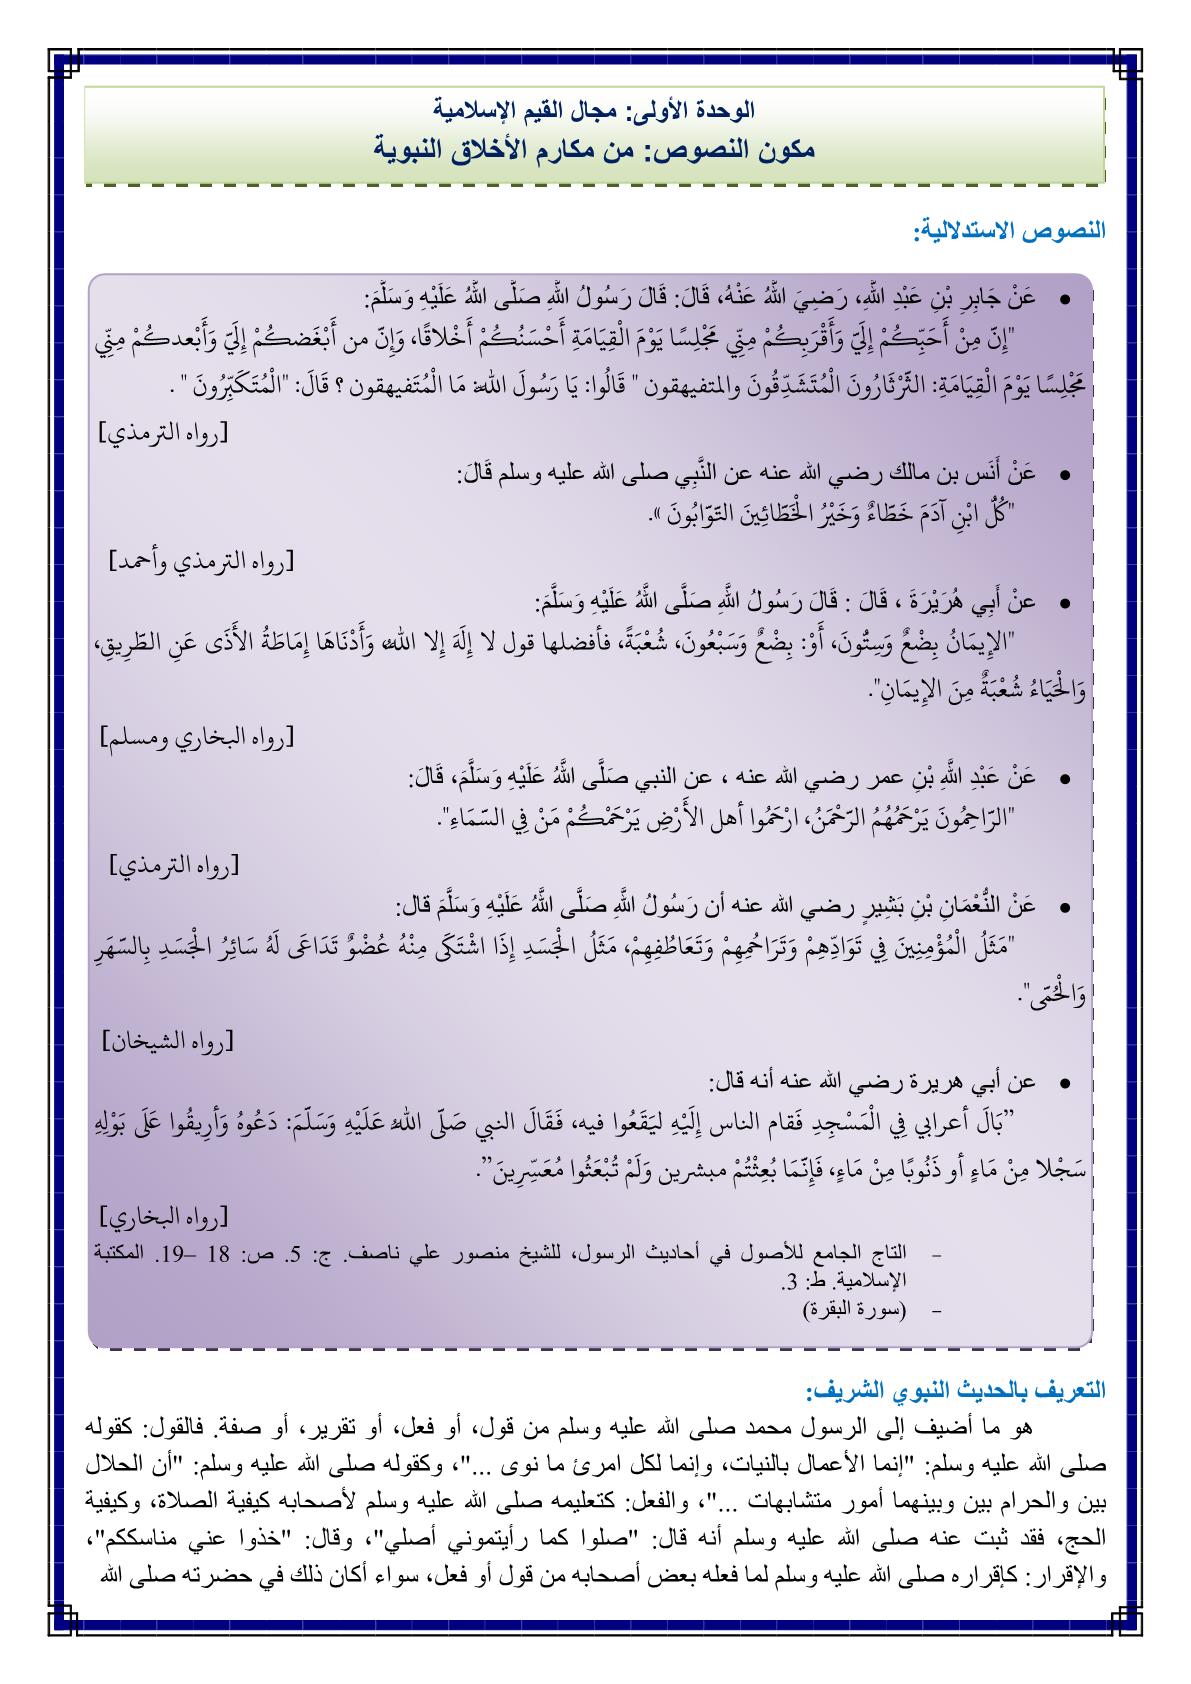 درس من مكارم الأخلاق النبوية مادة اللغة العربية للسنة الثانية اعدادي